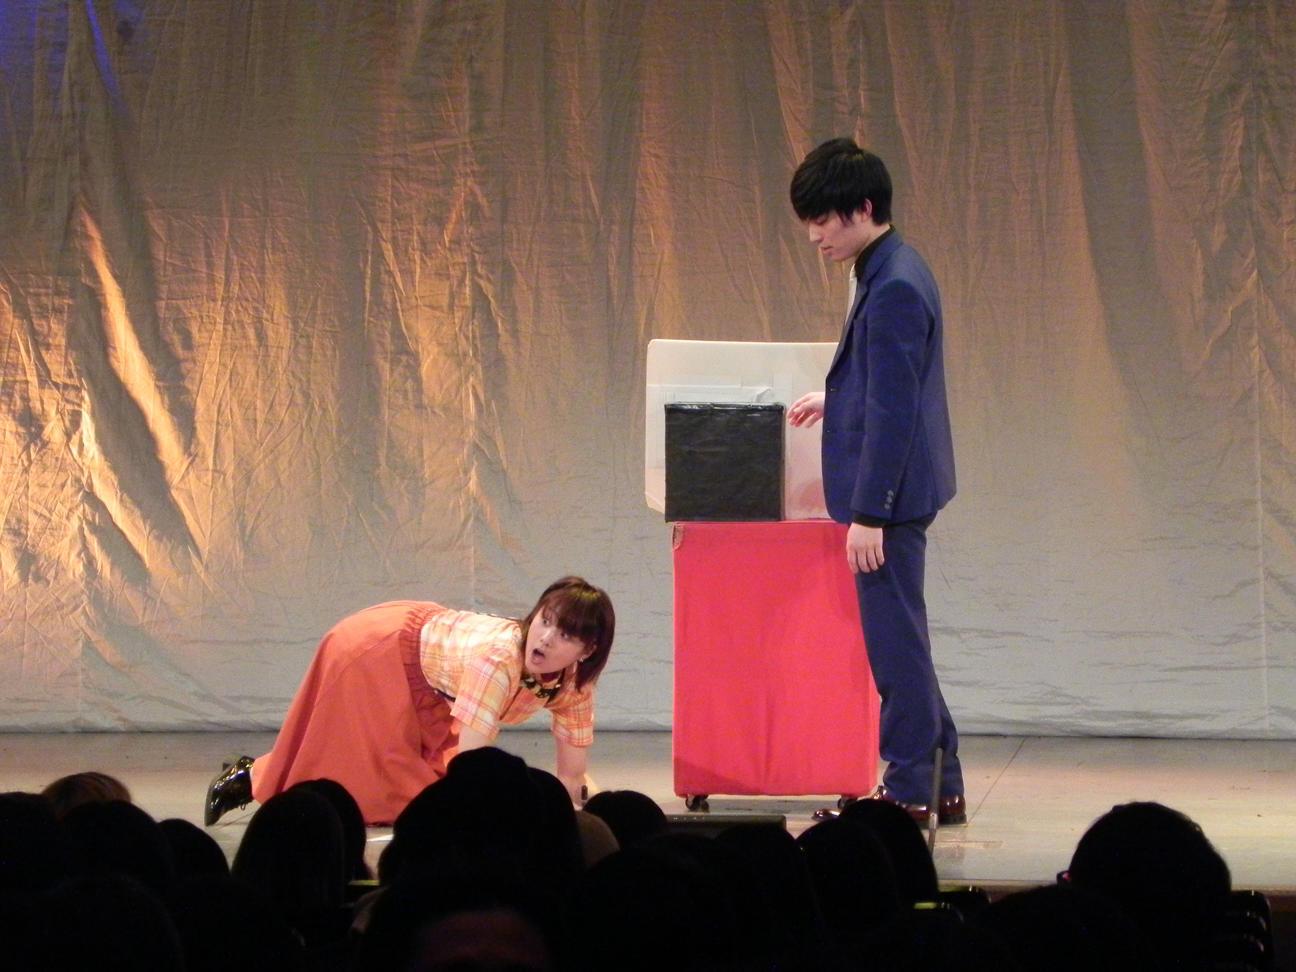 http://news.yoshimoto.co.jp/20170228144452-1ef170bcdd08979a2bd465d7aff9c46f7e5534a9.jpg